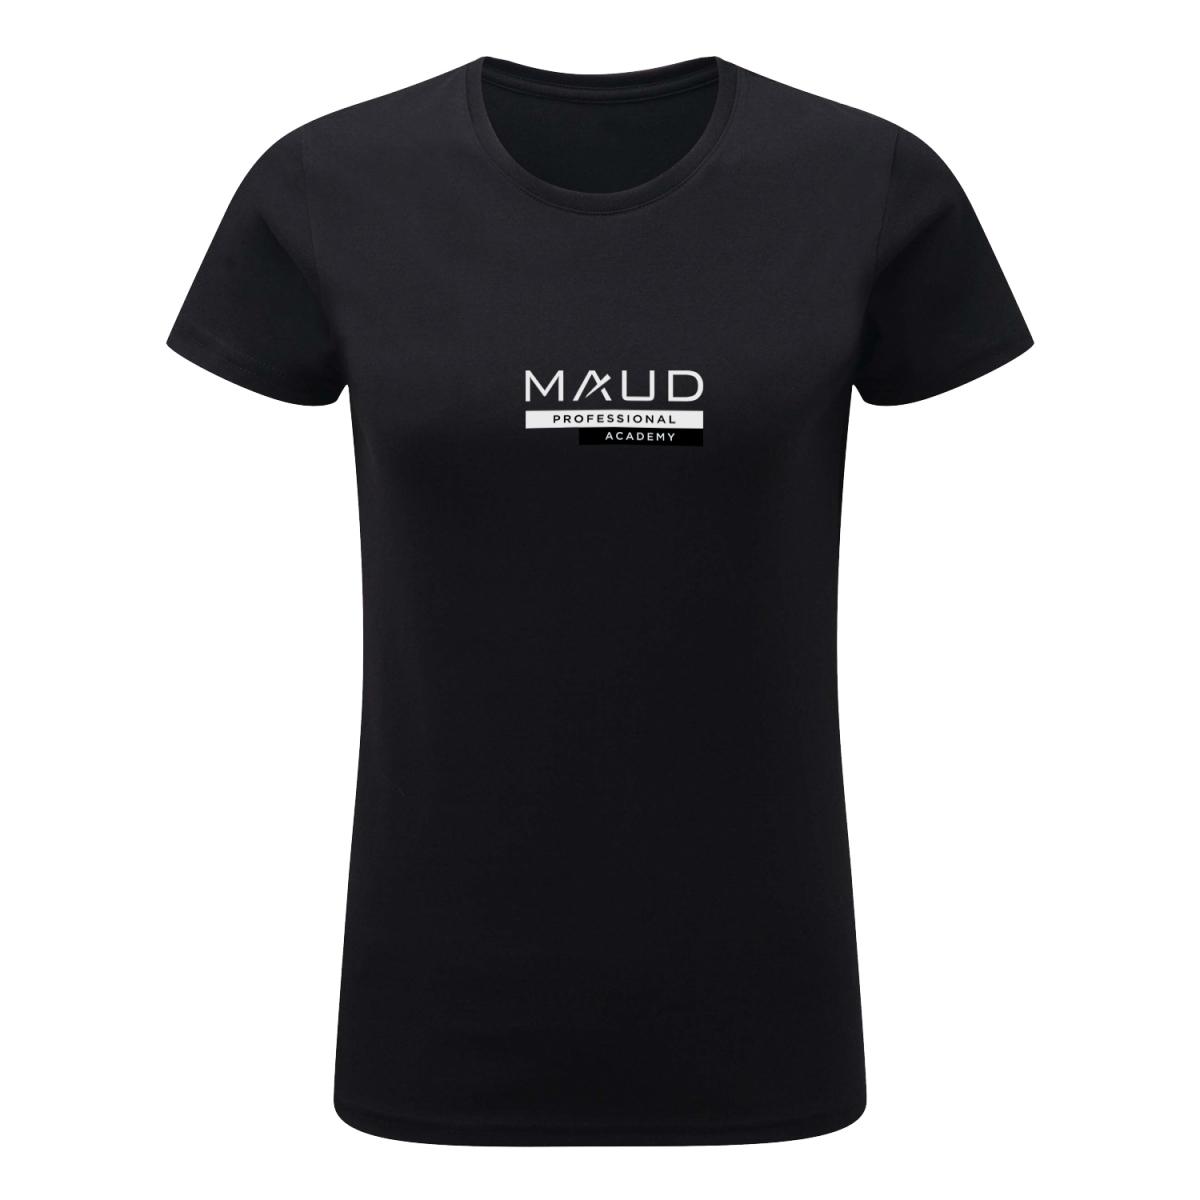 VETEMENTS - MAUD PROFESSIONAL SHOP - T-SHIRT MAUD ACADEMY FORMATRICE FEMME NOIR